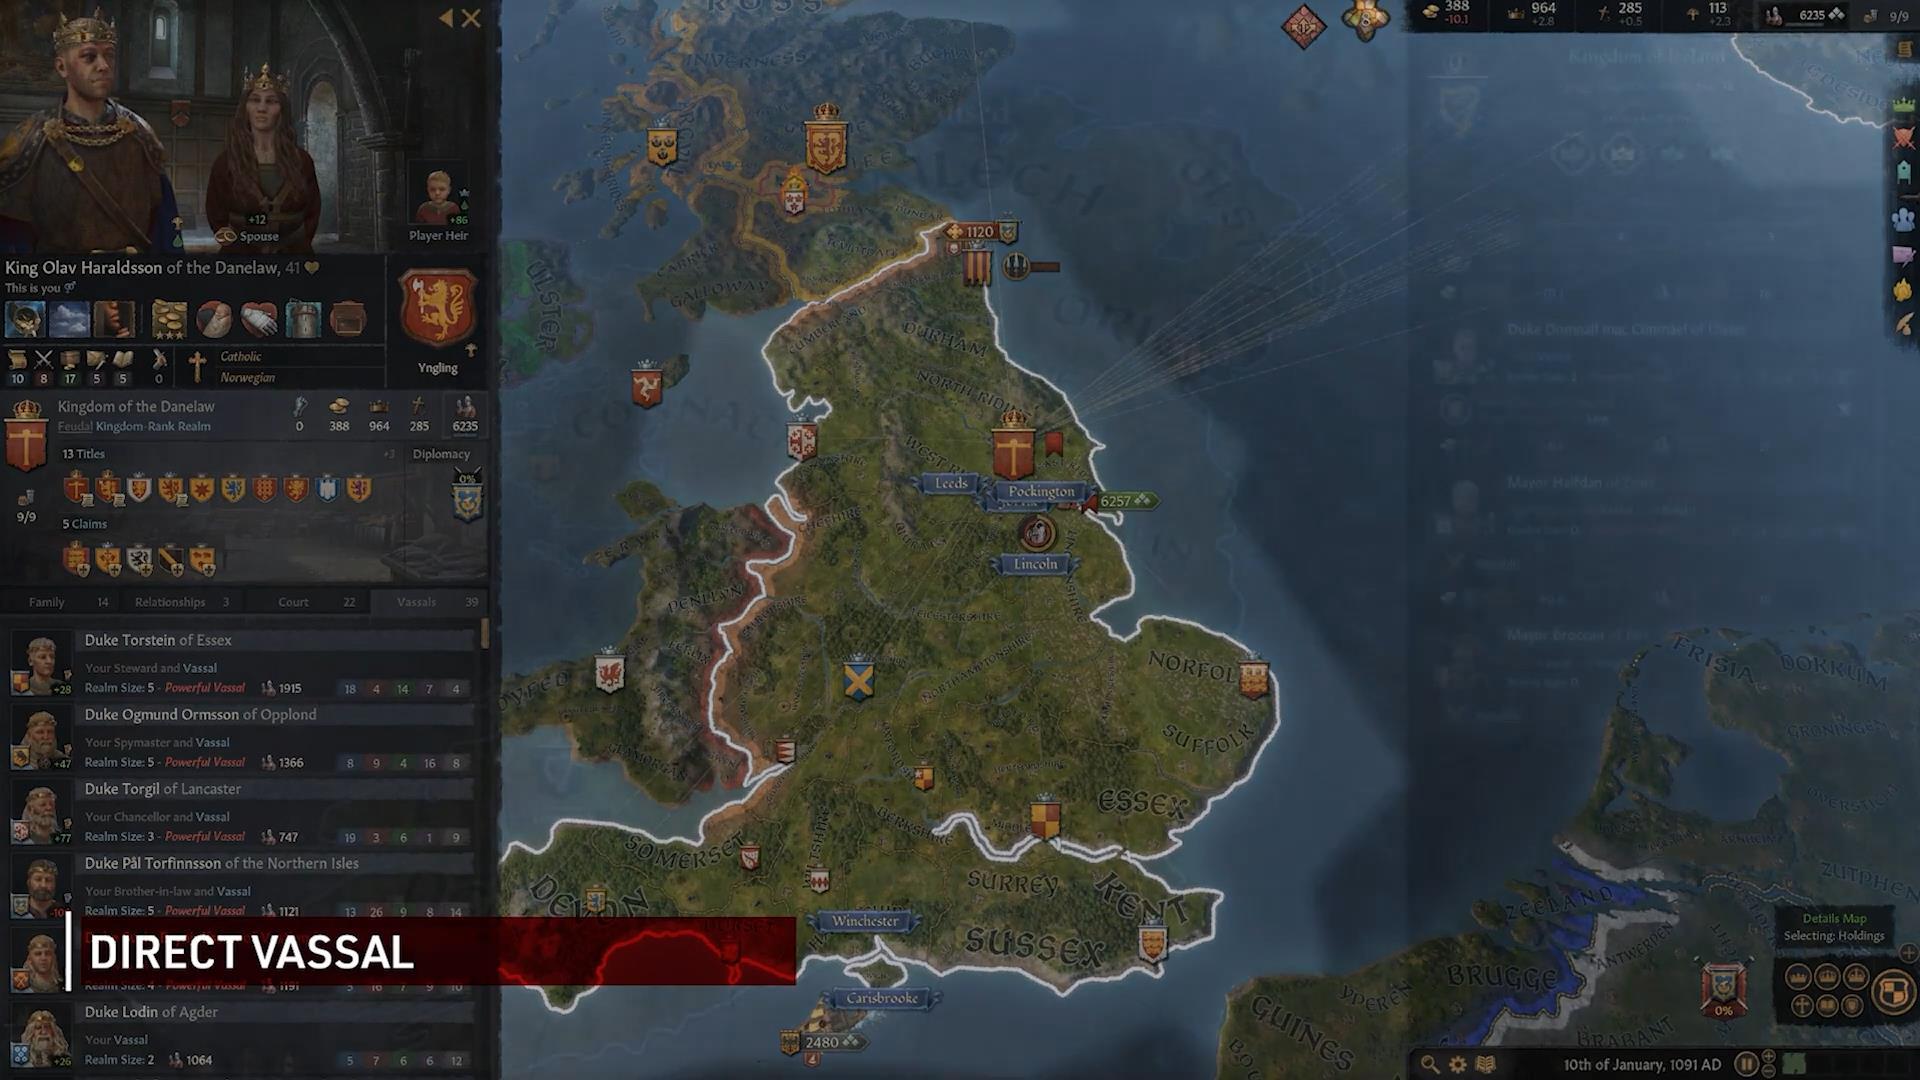 《十字军之王3》新预告 展示封臣机制以及战争谋杀等